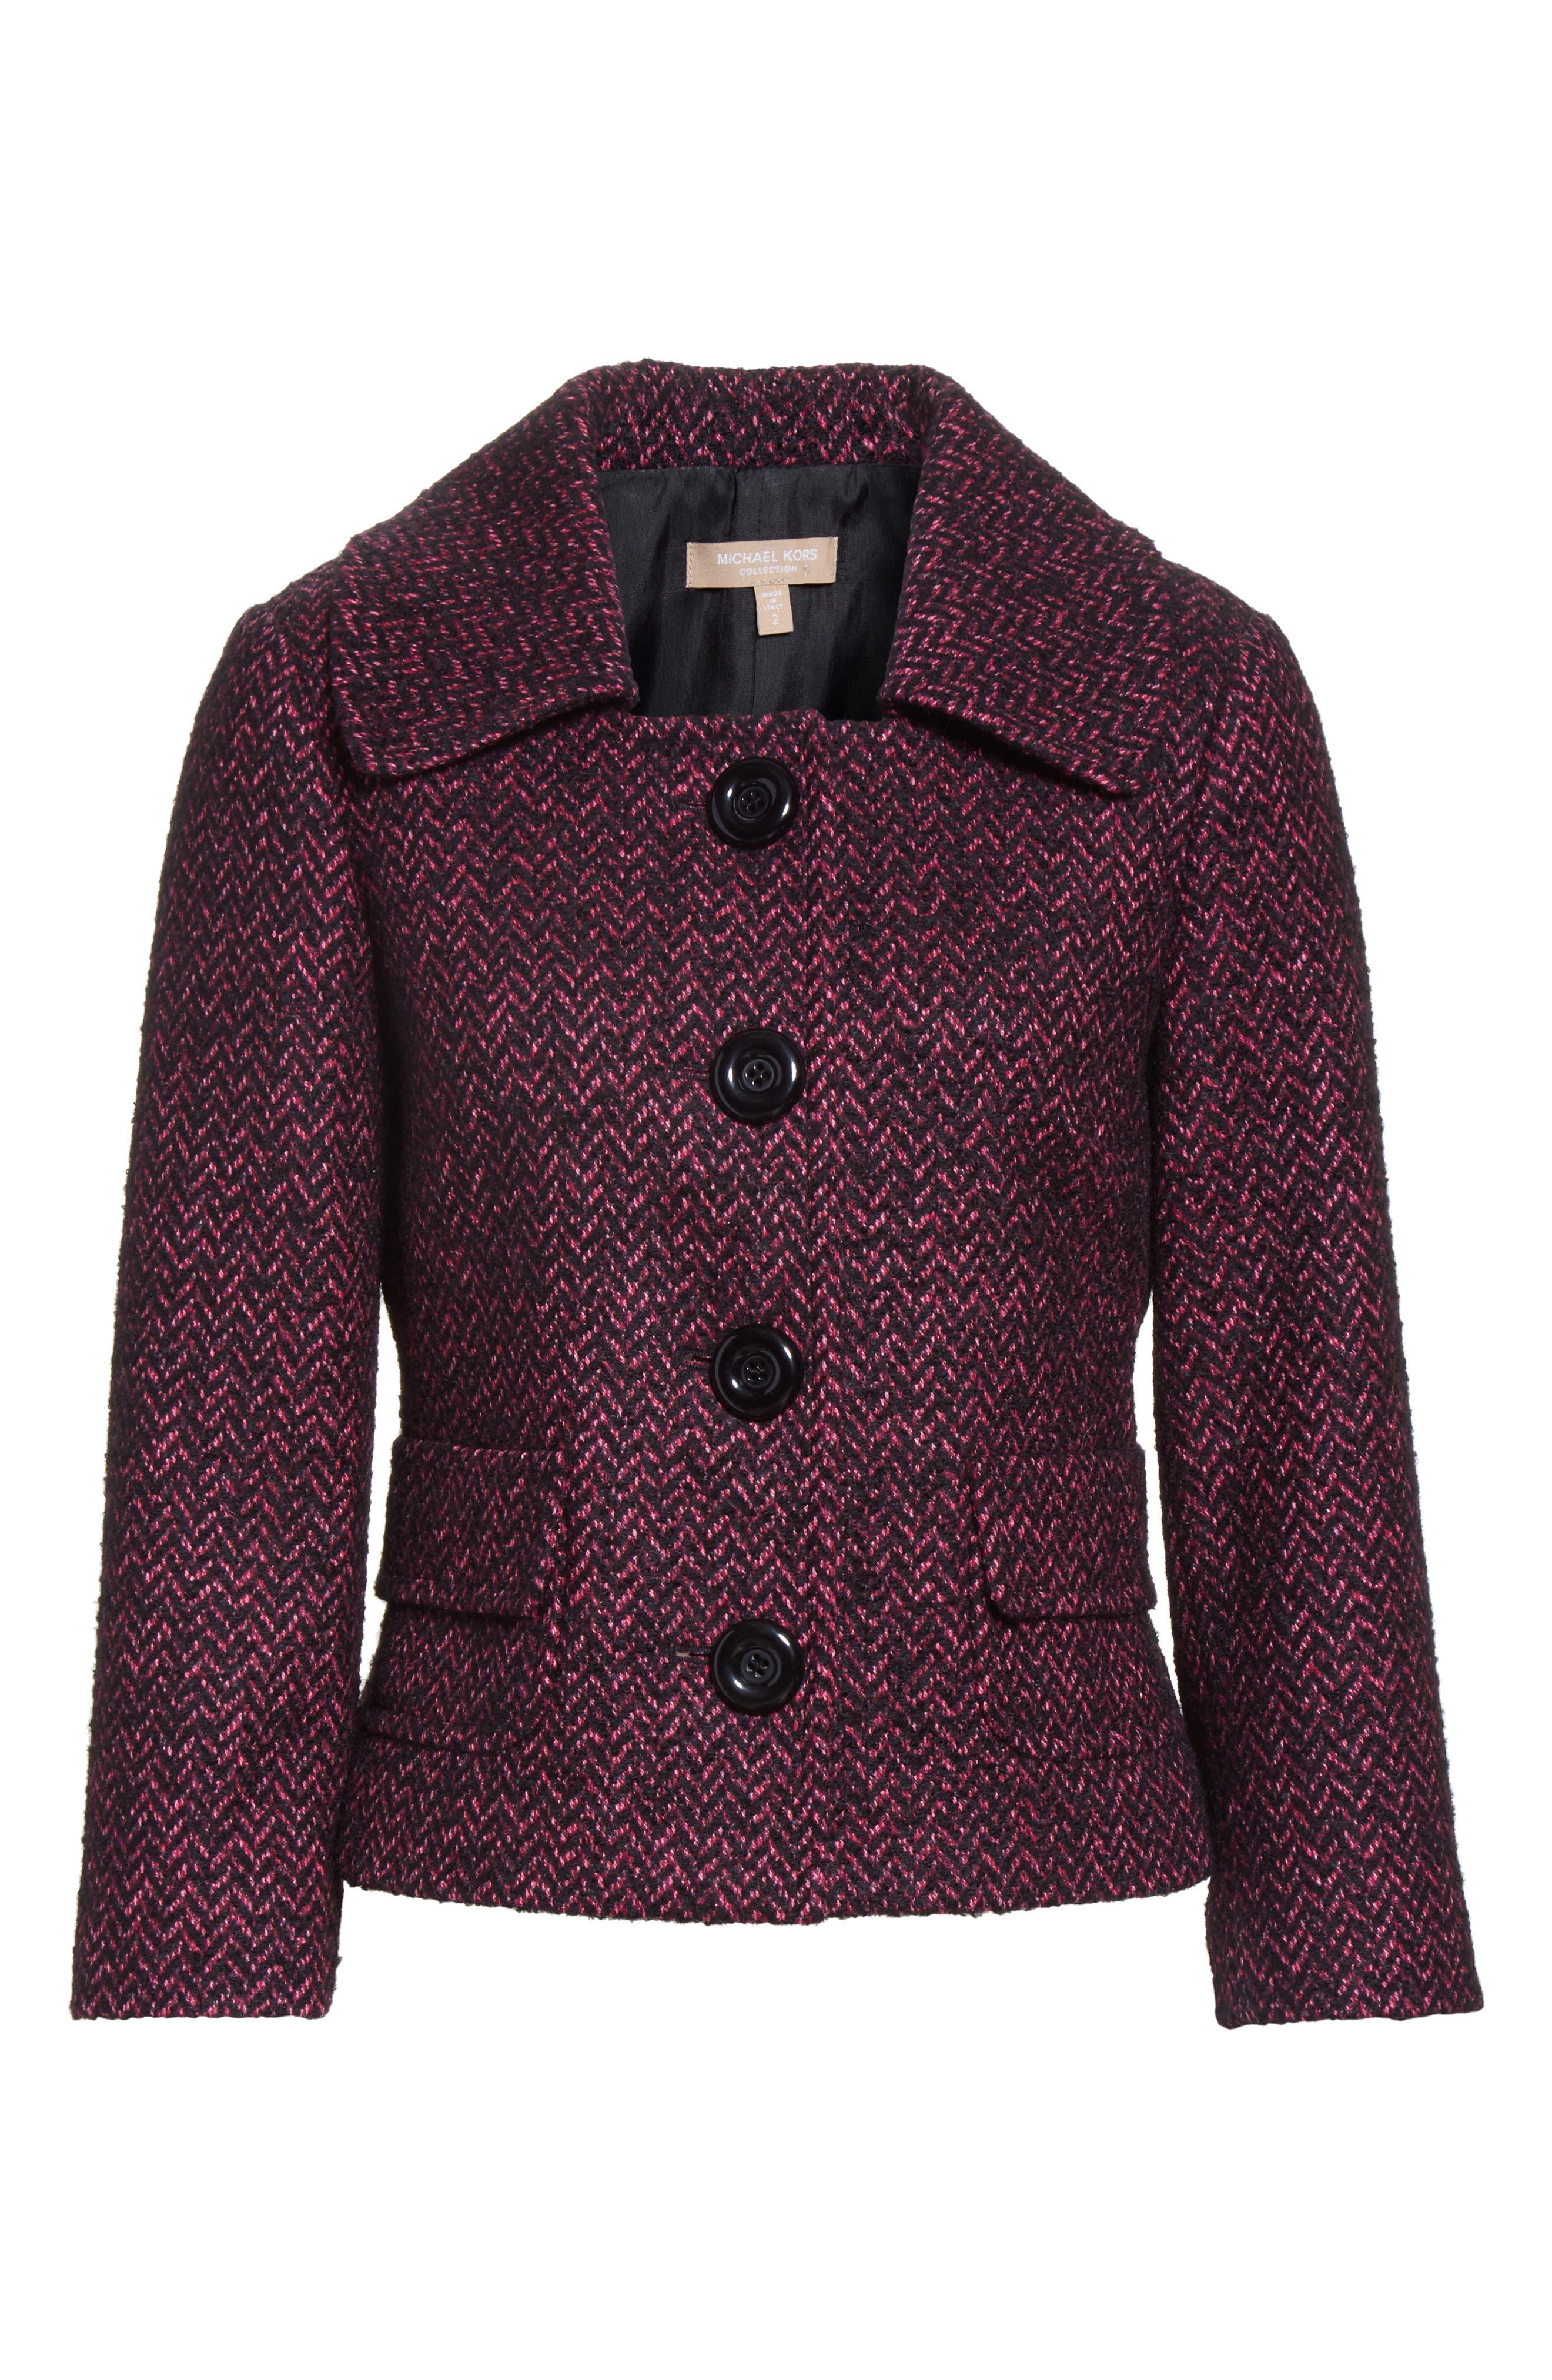 Herringbone Wool Blend Jacket,                             Alternate thumbnail 5, color,                             658